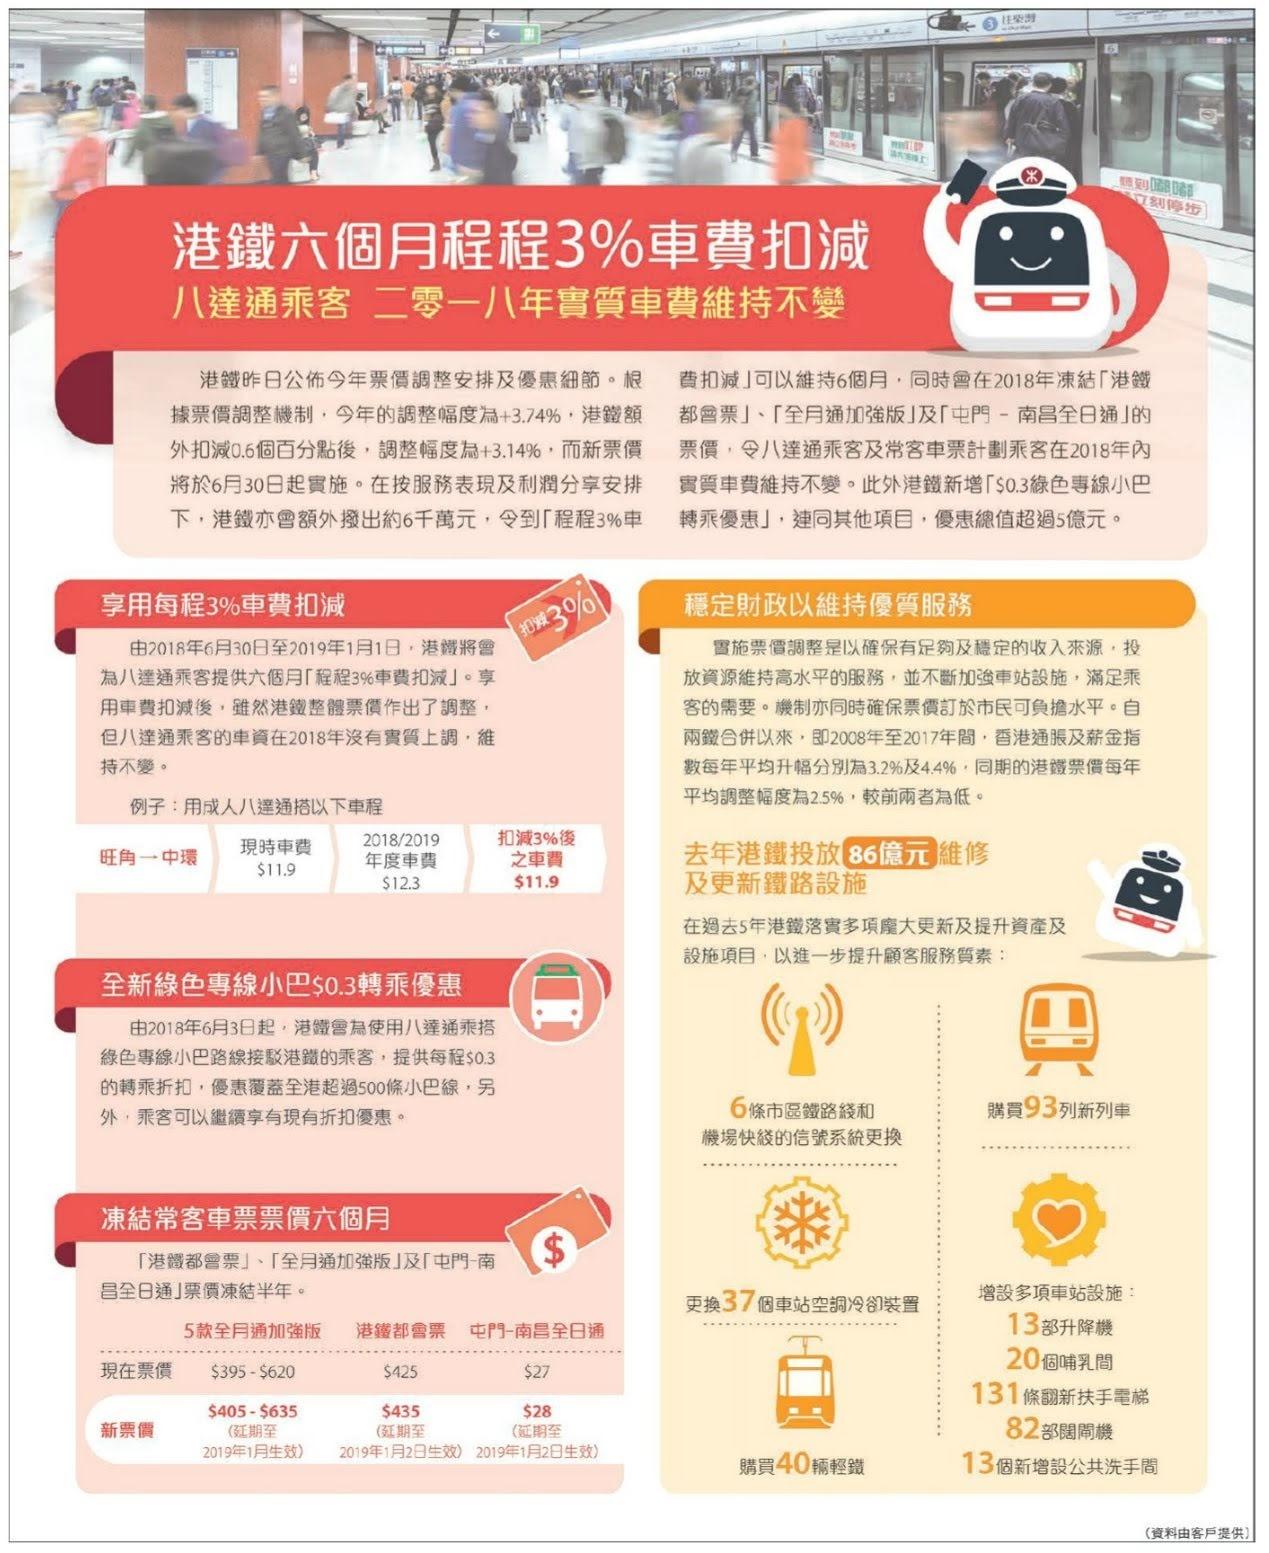 車票 Tickets : 2018年新車費推廣計劃專輯